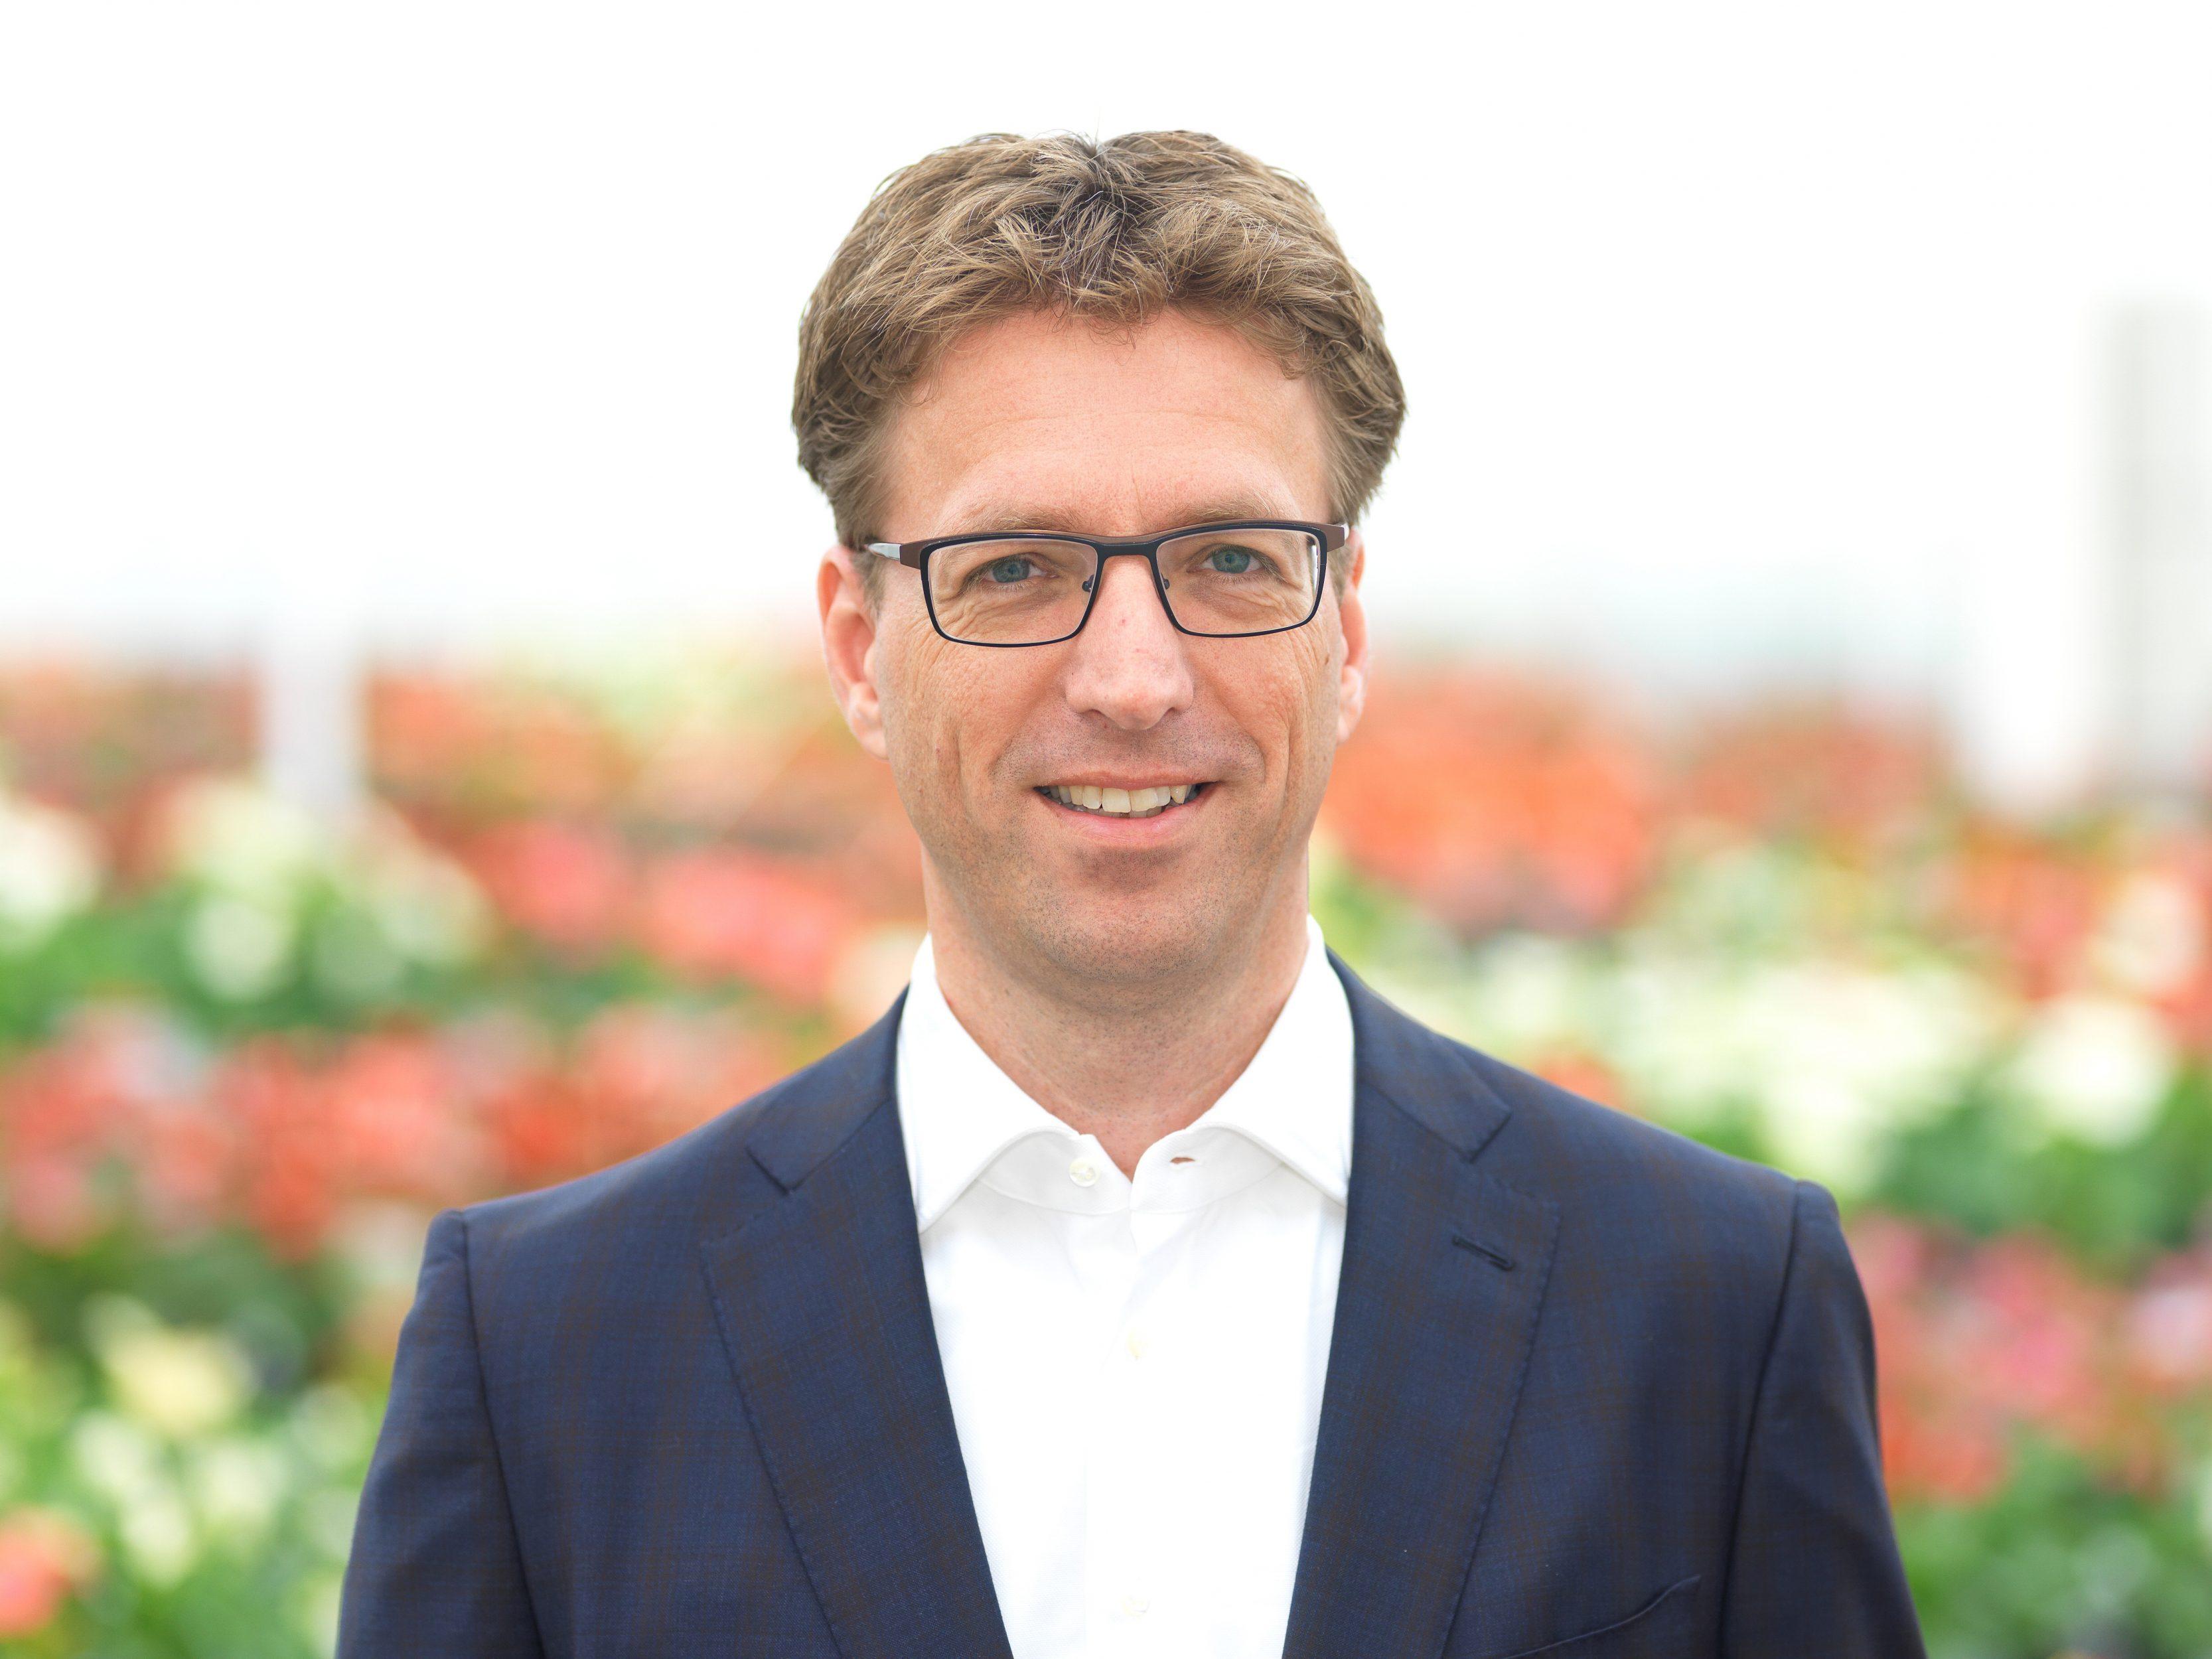 Mark van der Knaap, Director